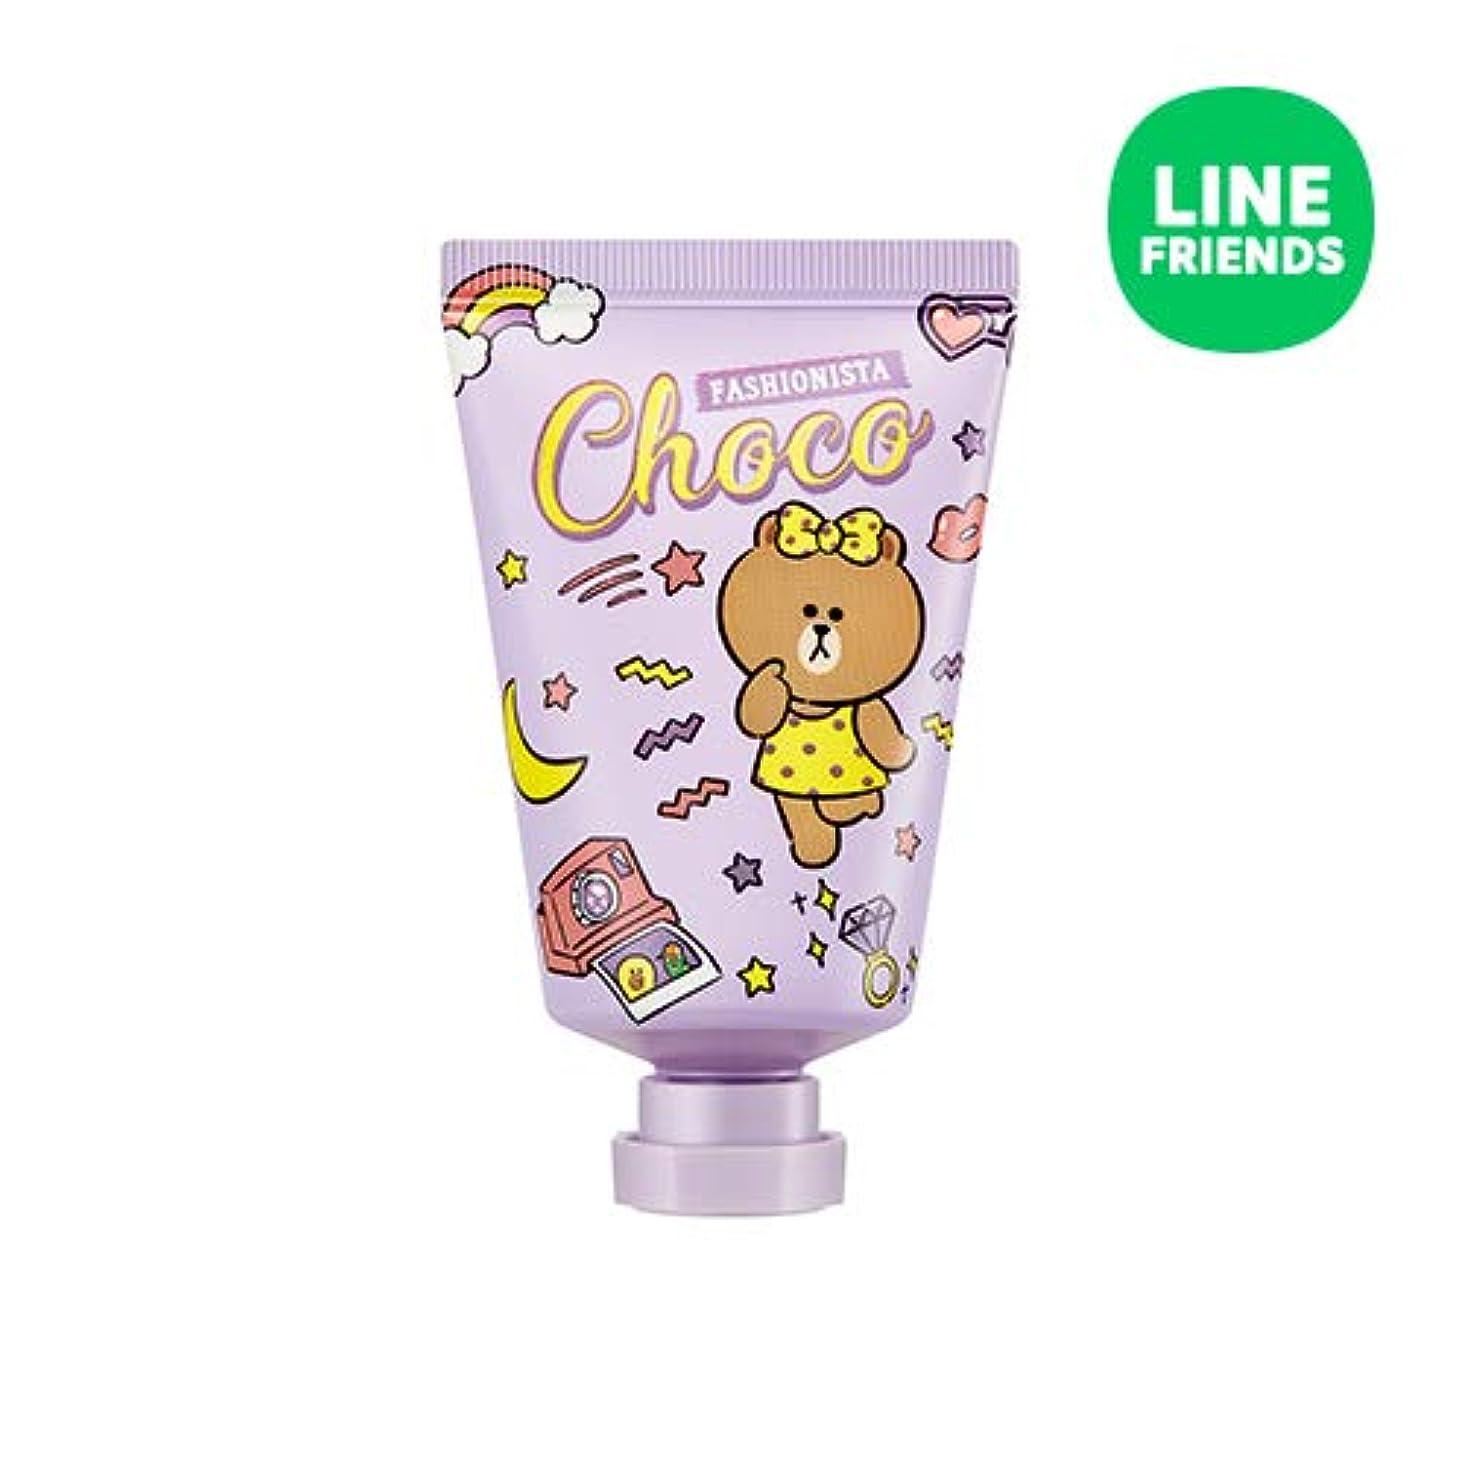 トラクターラフ睡眠ラケットミシャ(ラインフレンズ)ラブシークレットハンドクリーム 30ml MISSHA [Line Friends Edition] Love Secret Hand Cream - Choco # Pitch Cocktail...